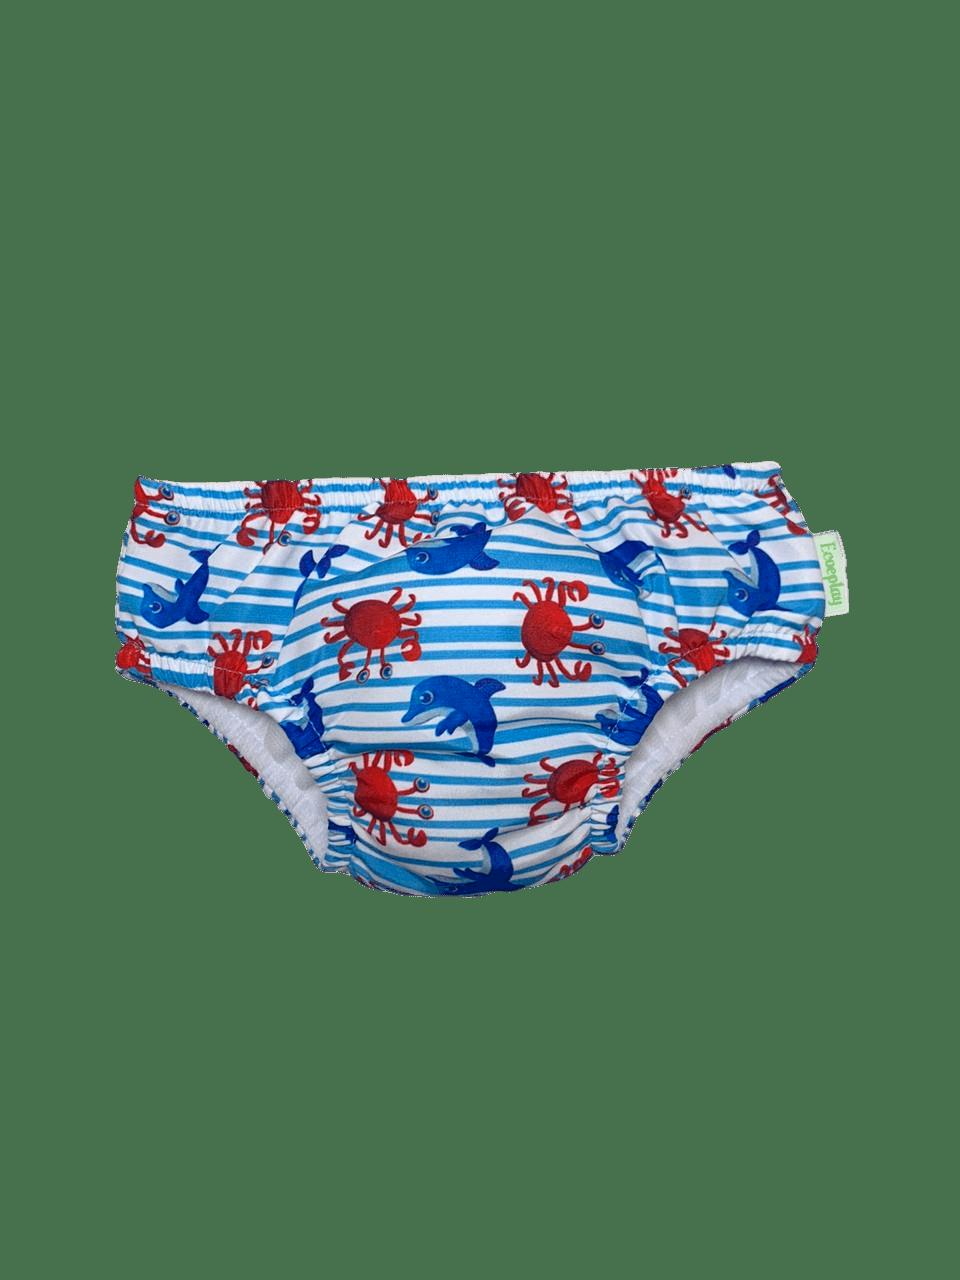 Fralda de Banho e Piscina Mar